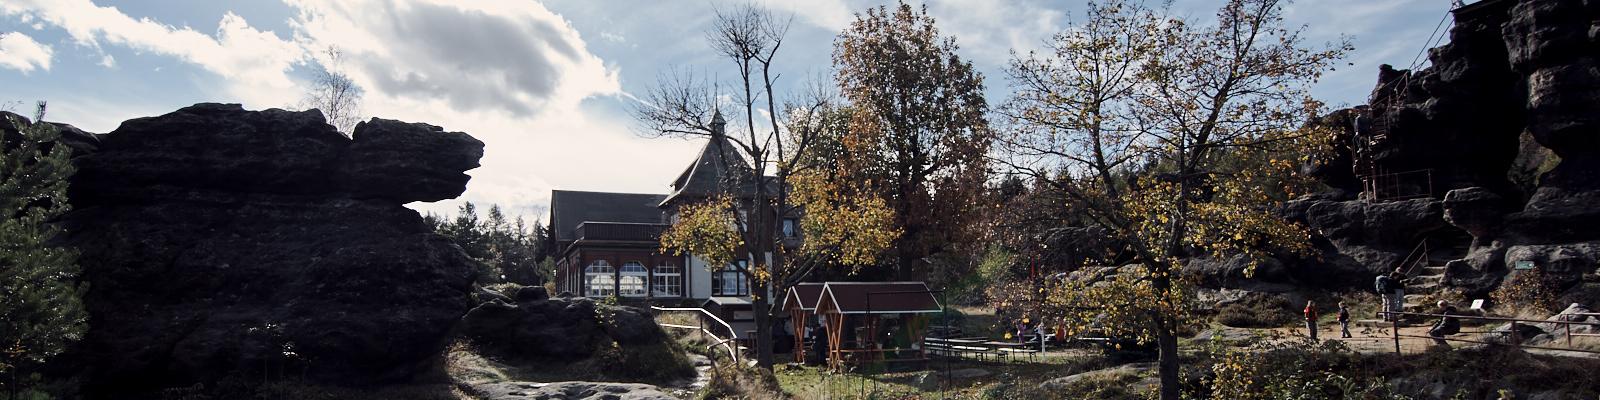 Zittau - Wanderung auf den Töpfer